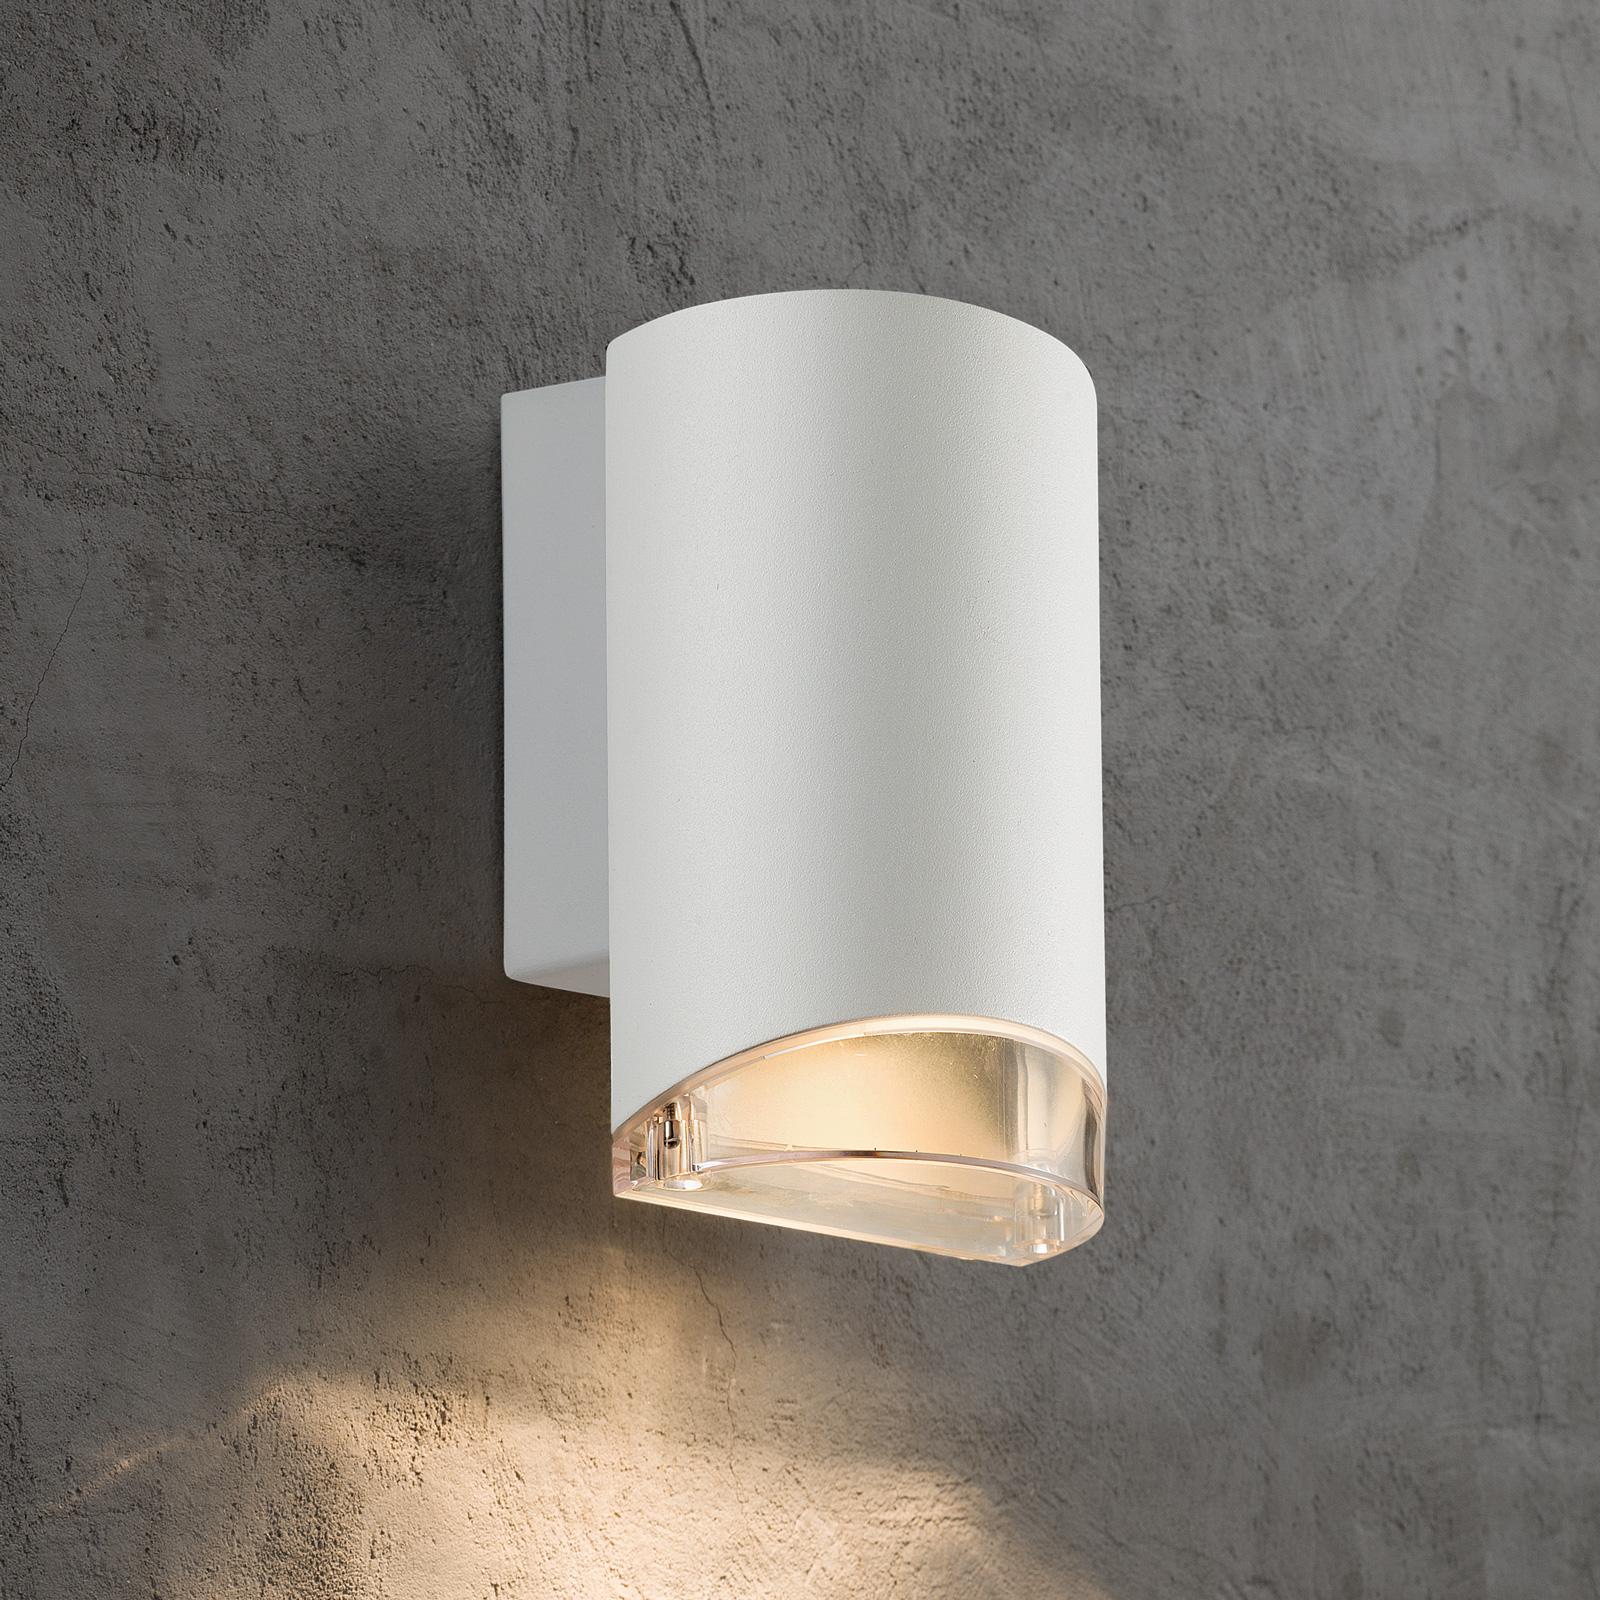 Applique d'extérieur Arn à 1 lampe, blanche